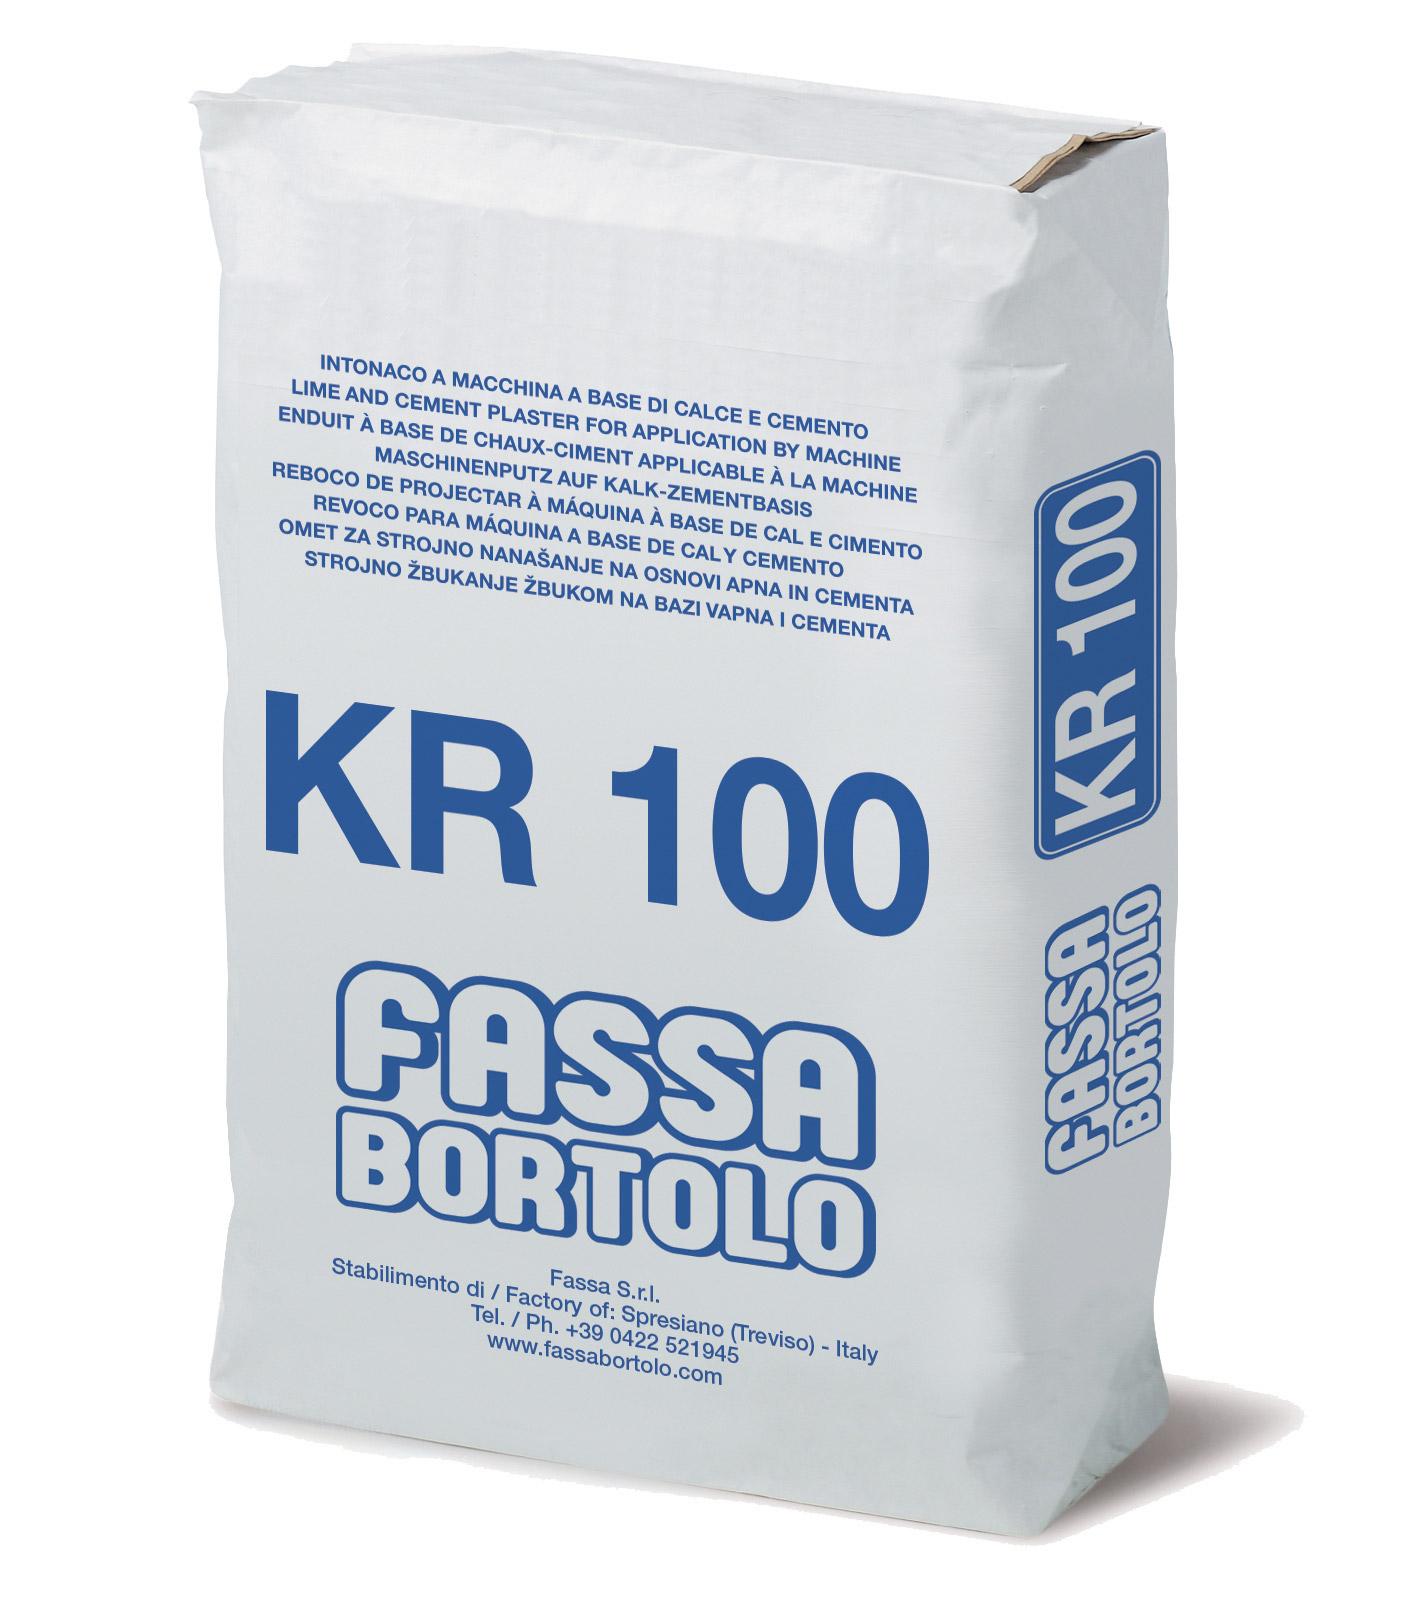 KR 100: Reboco à base de cimento e cal, com elevada resistência mecânica, para interior e exterior